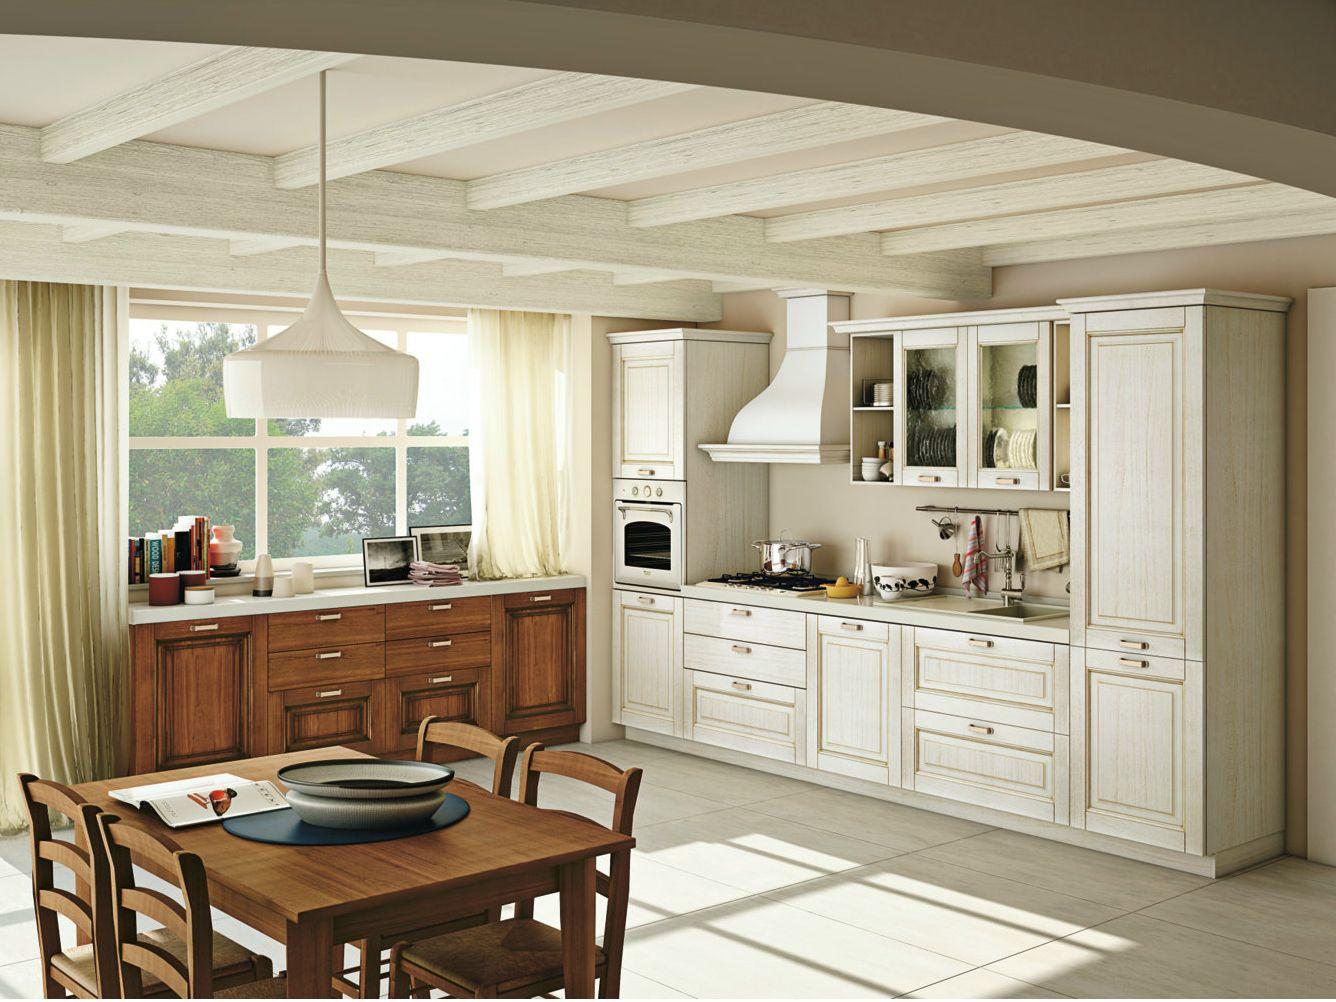 Cucina componibile lineare in legno massello con maniglie ...